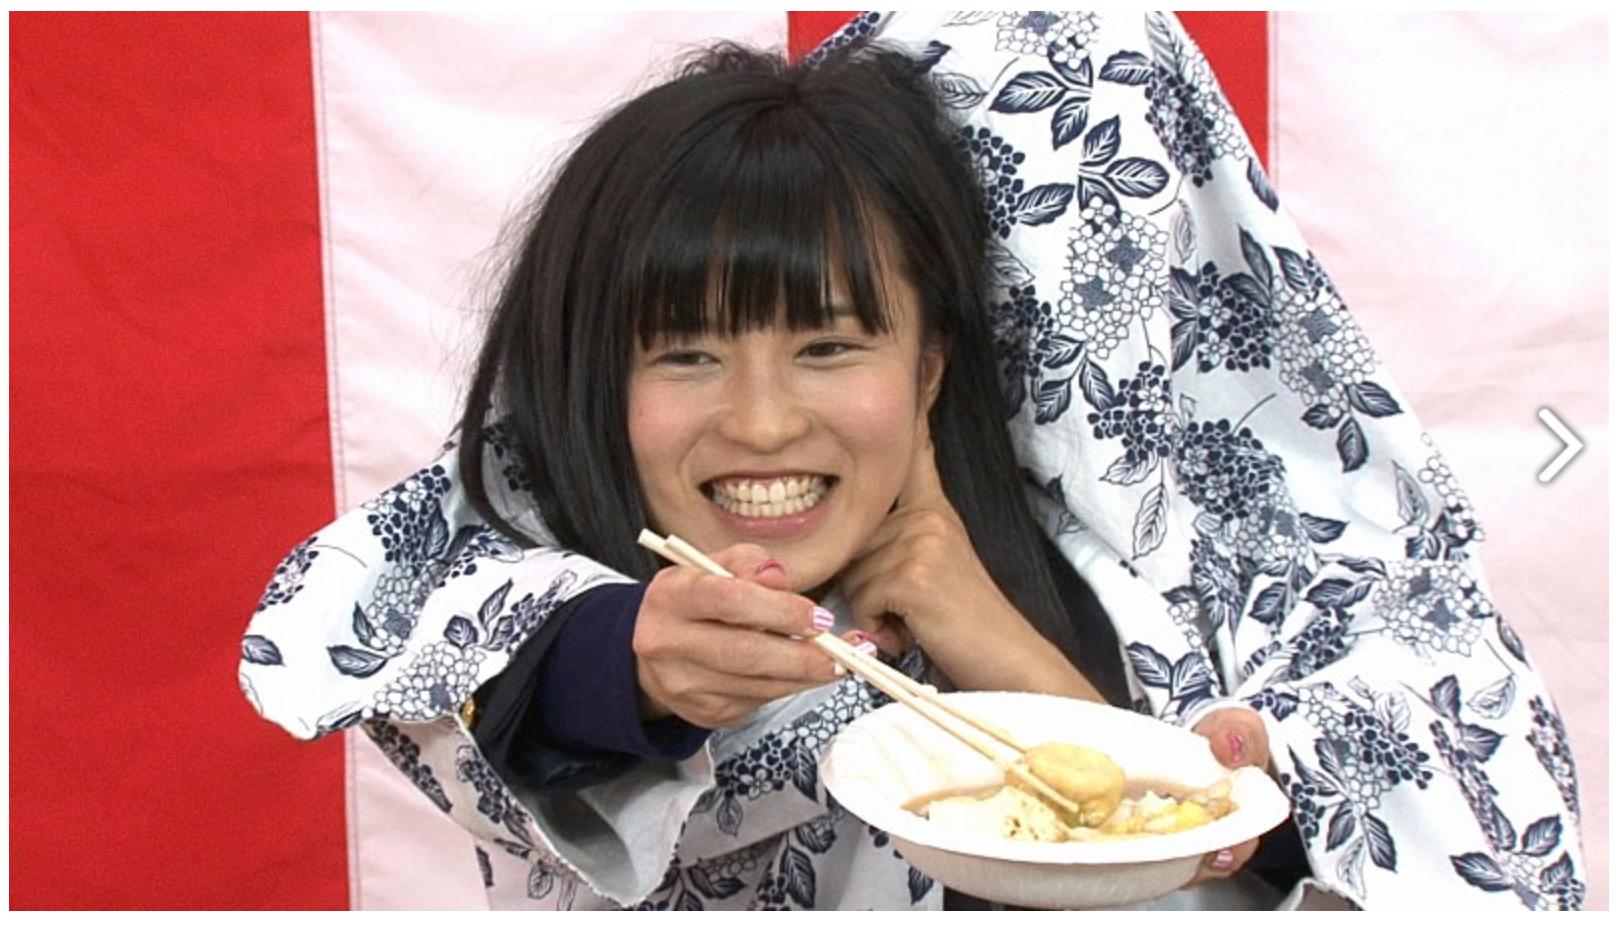 テレビ番組中の小島瑠璃子